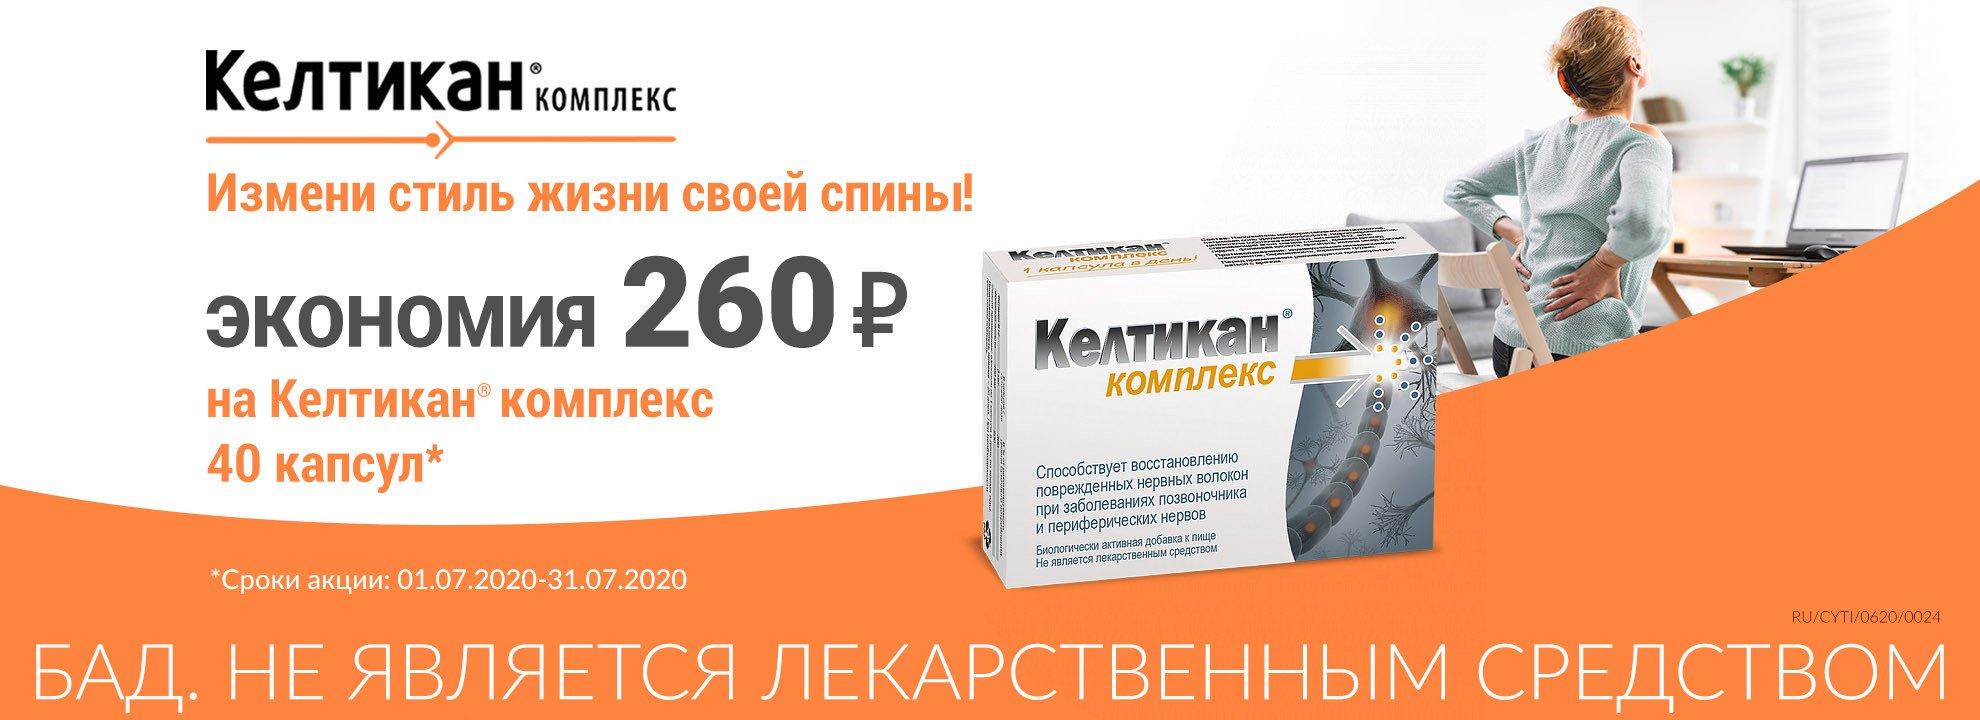 Экономия при покупке Келтикан комплект в июле!